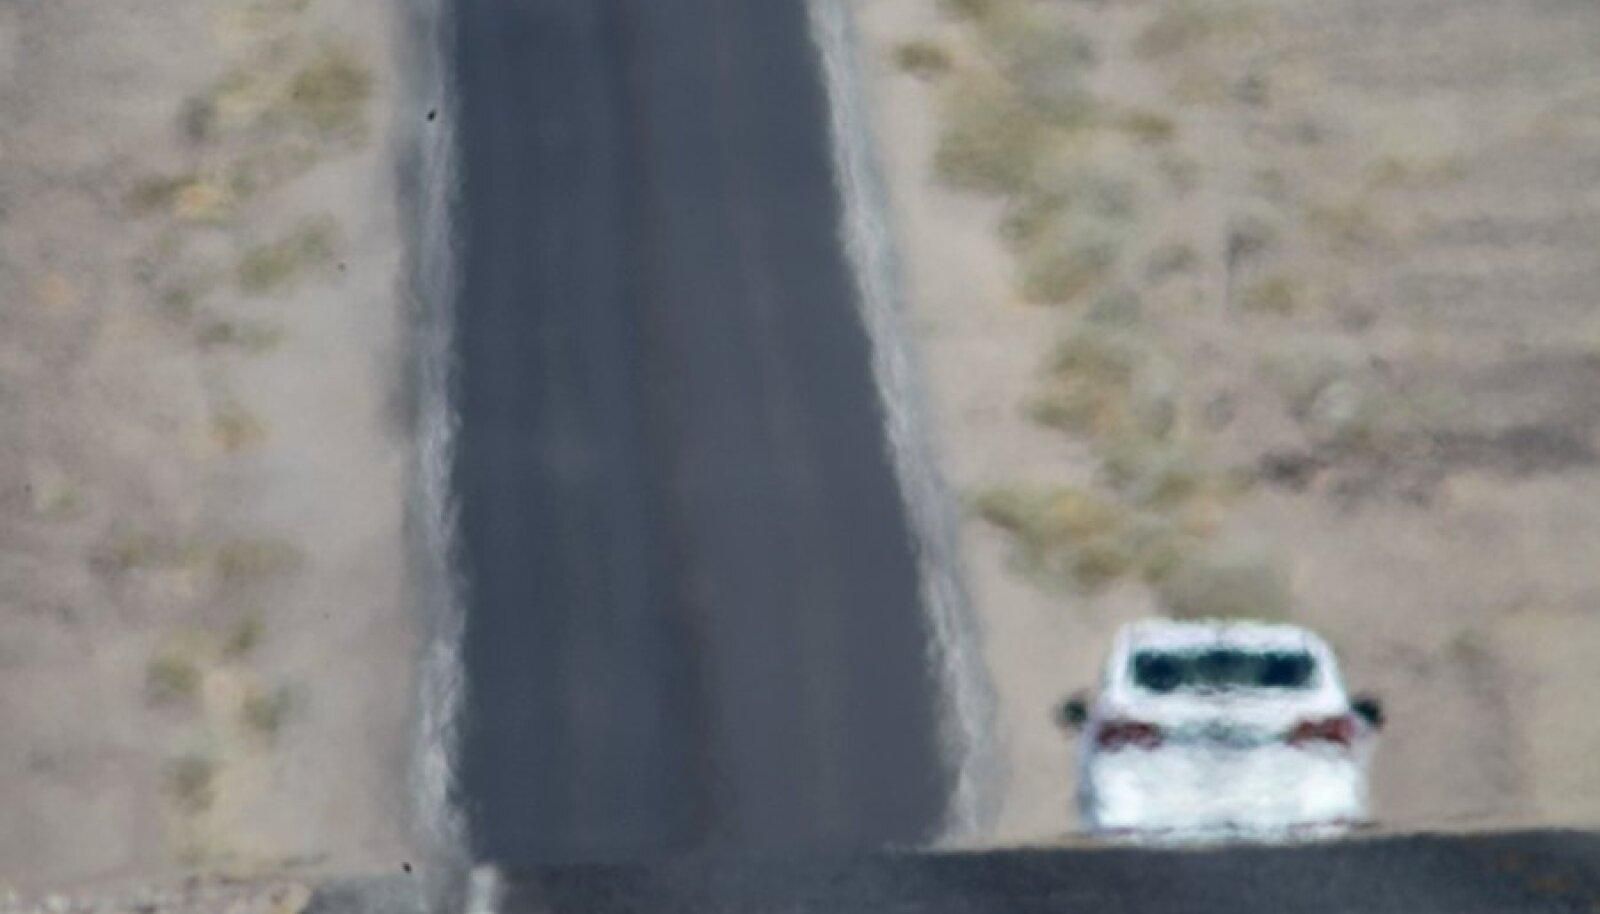 Enam kui 50-kraadine temperatuur pani Surmaorus silme eest virvendama,